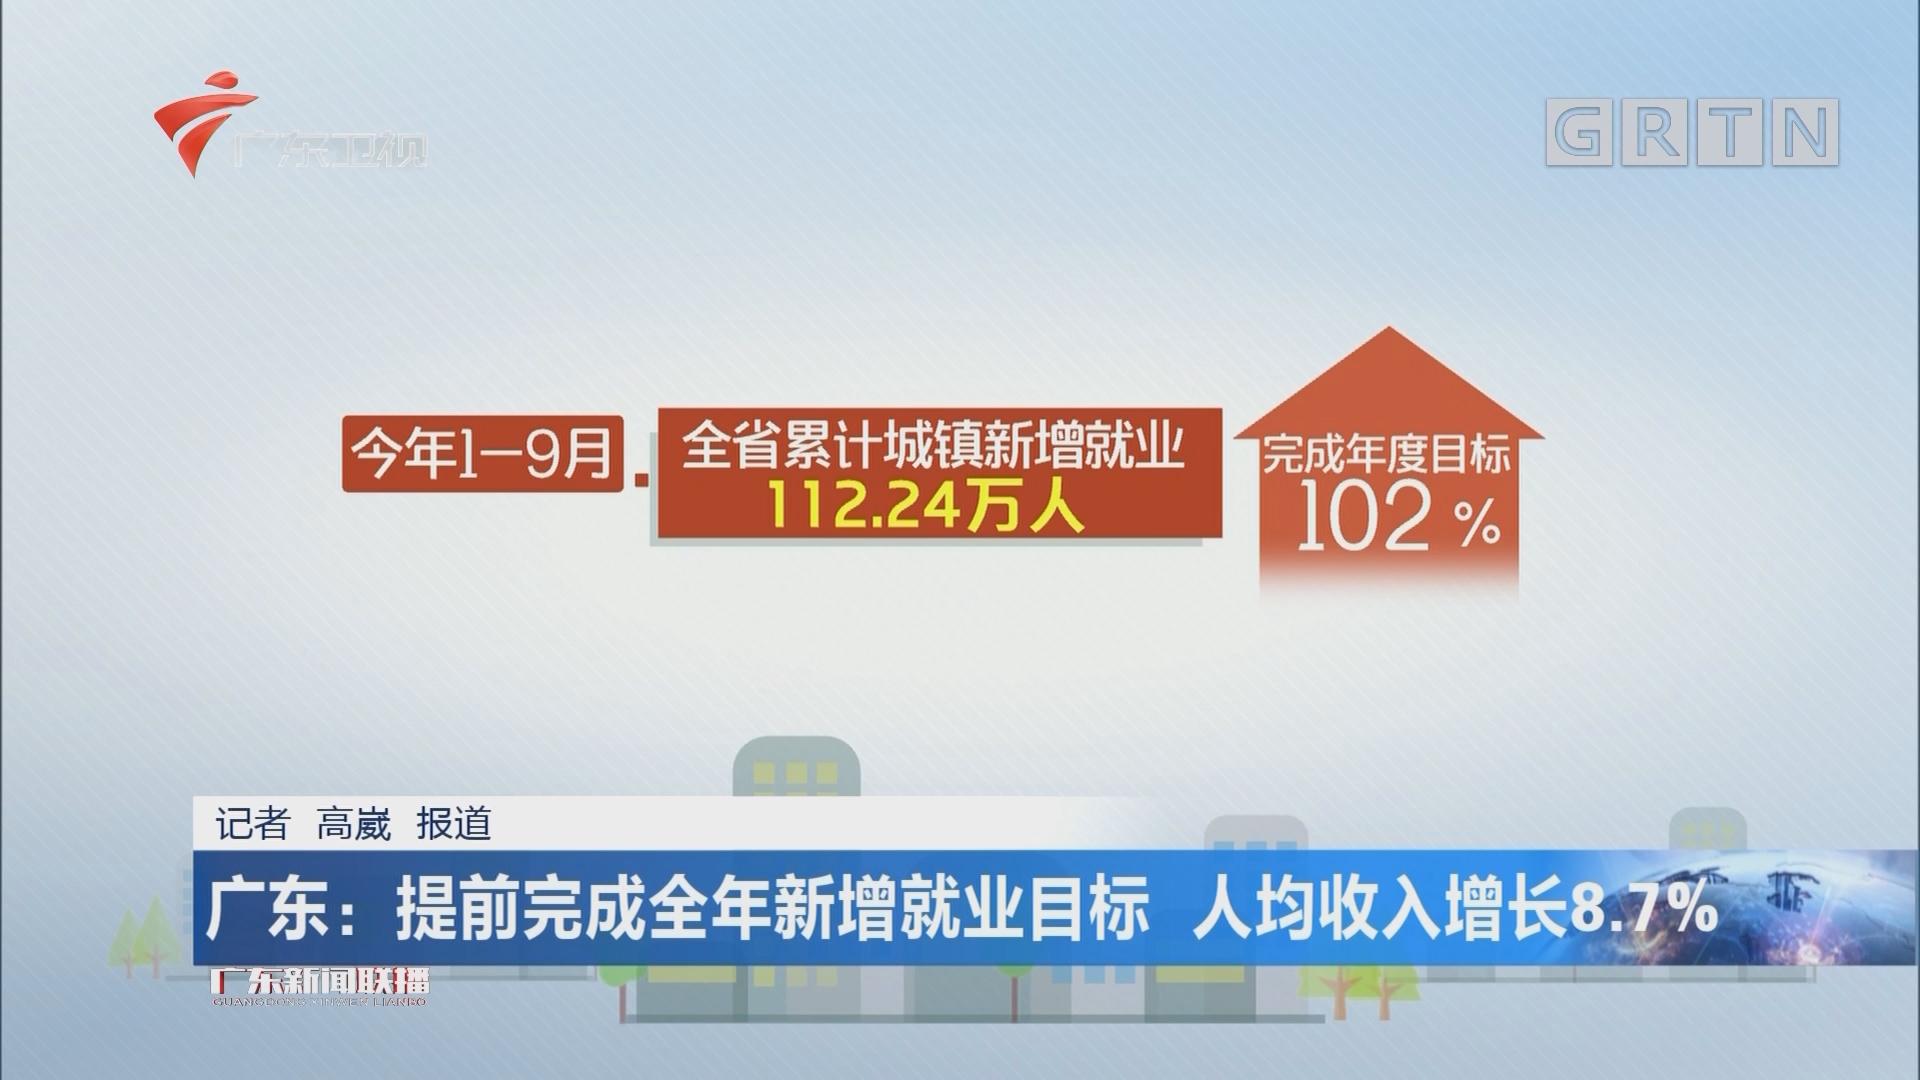 广东:提前完成全年新增就业目标 人均收入增长8.7%